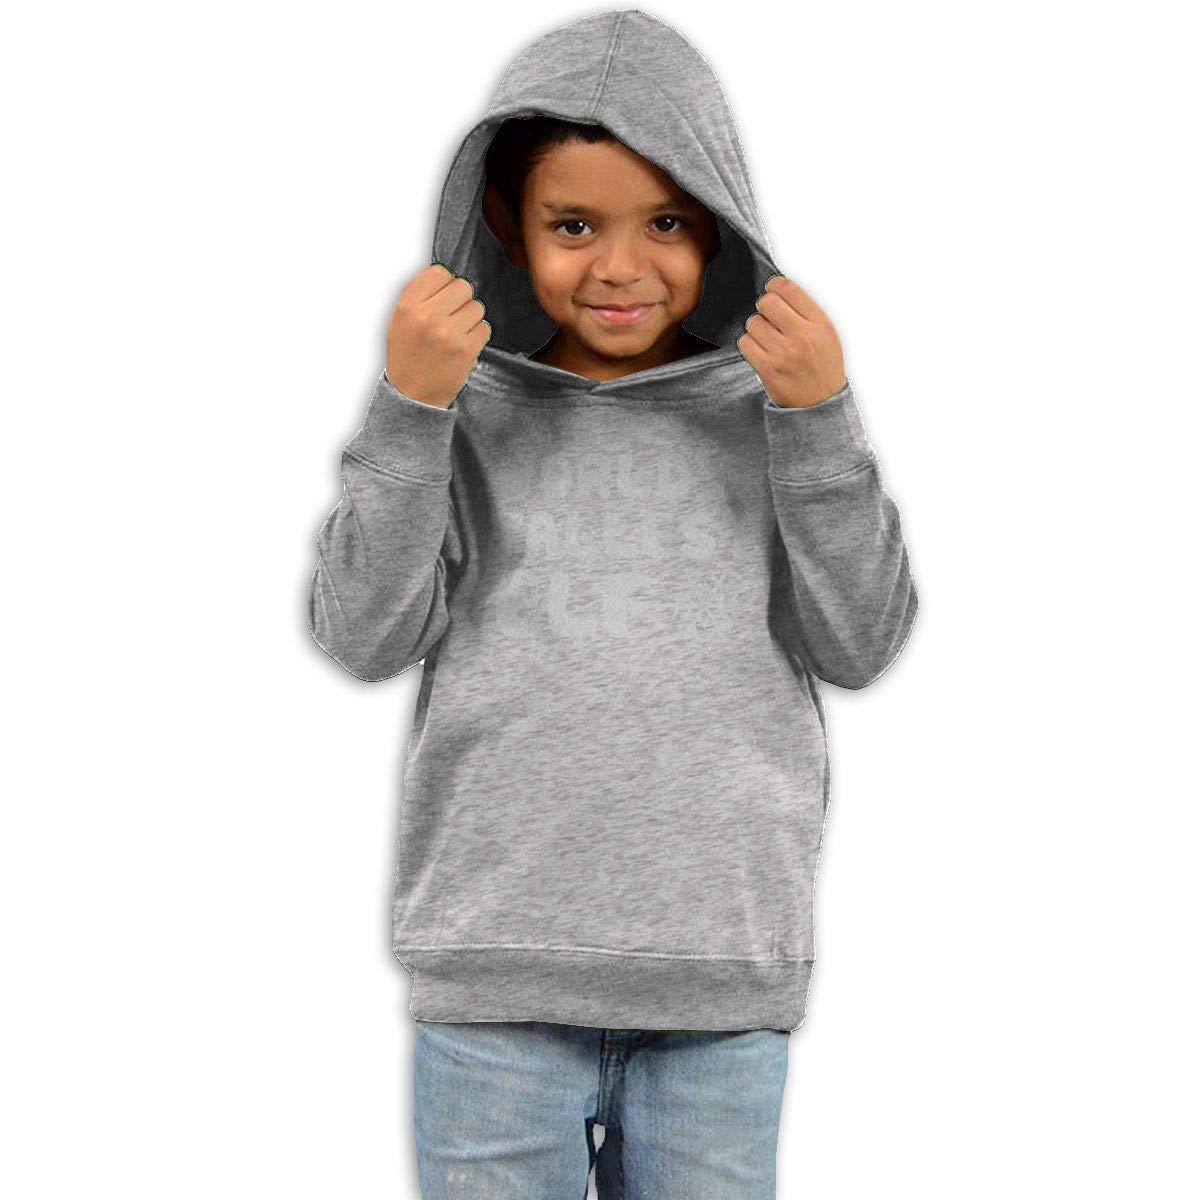 GUOZX Childrens Hooded Sweater Worlds Tallest Elf Children Sweater Black